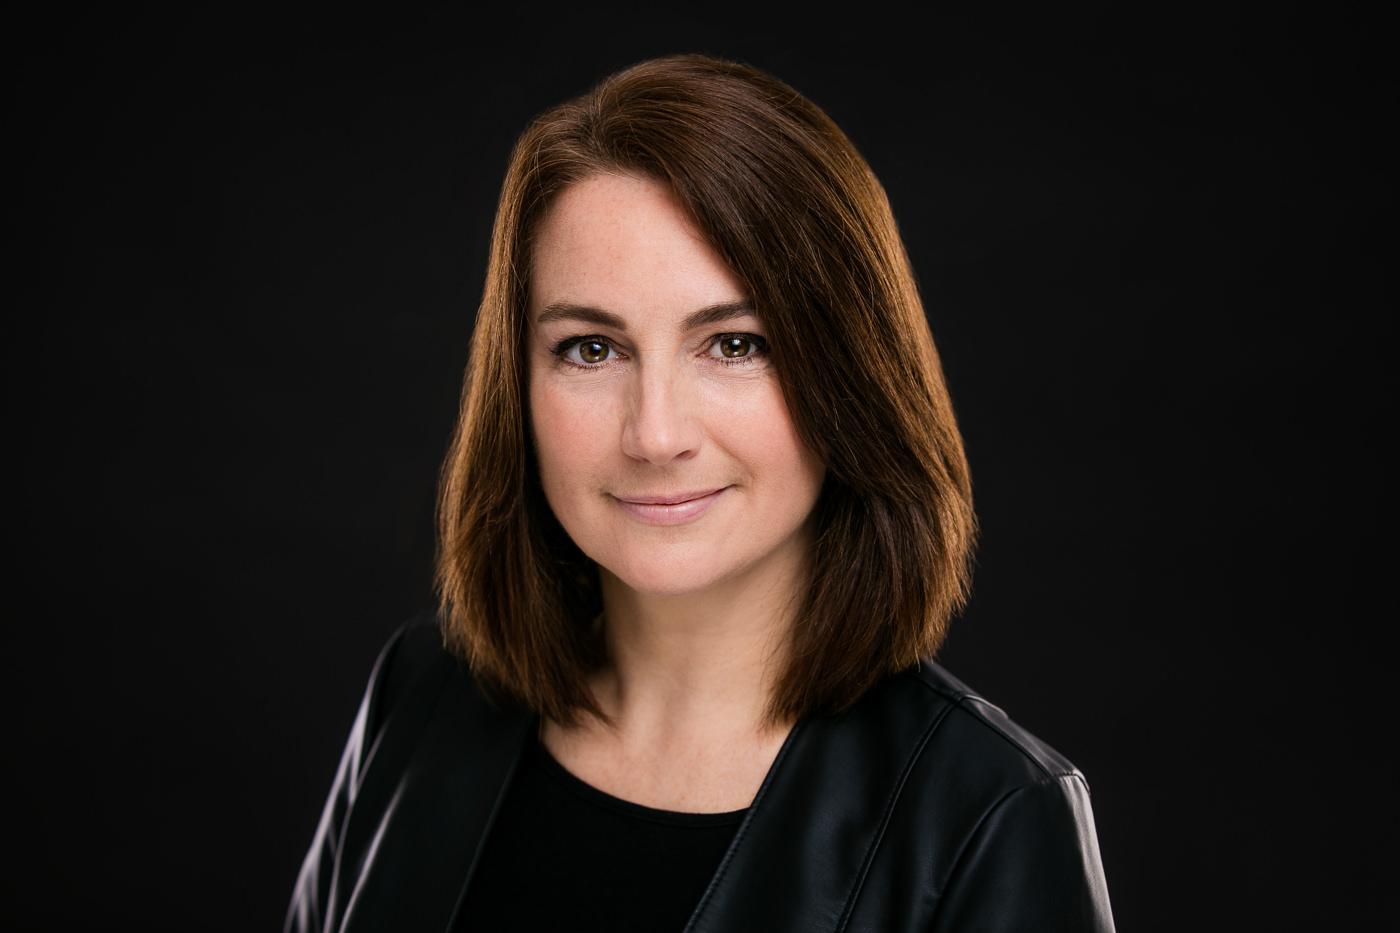 Portrait corporatif femme entrepreneur Veronique Berthiaume fond noir